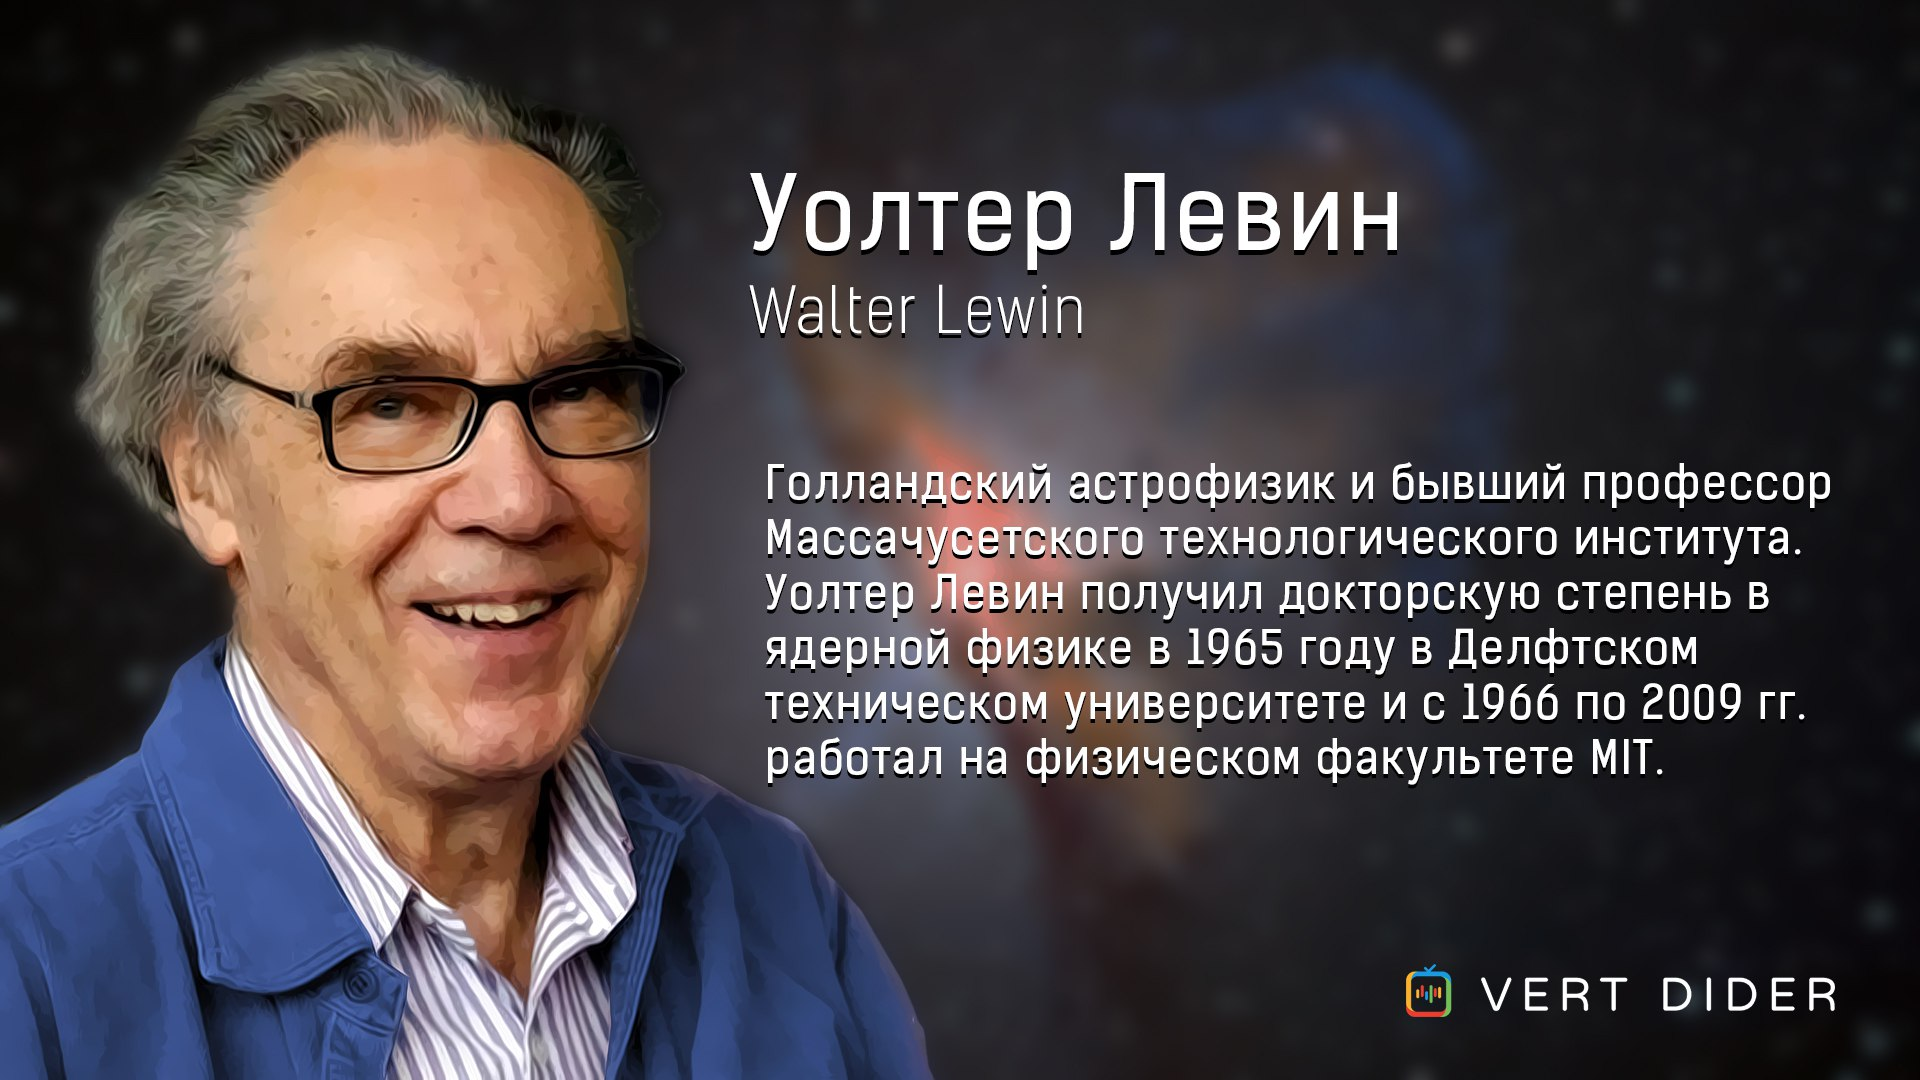 Интервью с Уолтером Левиным. О физике, искусстве, секретах преподавания и главных загадках Вселенной